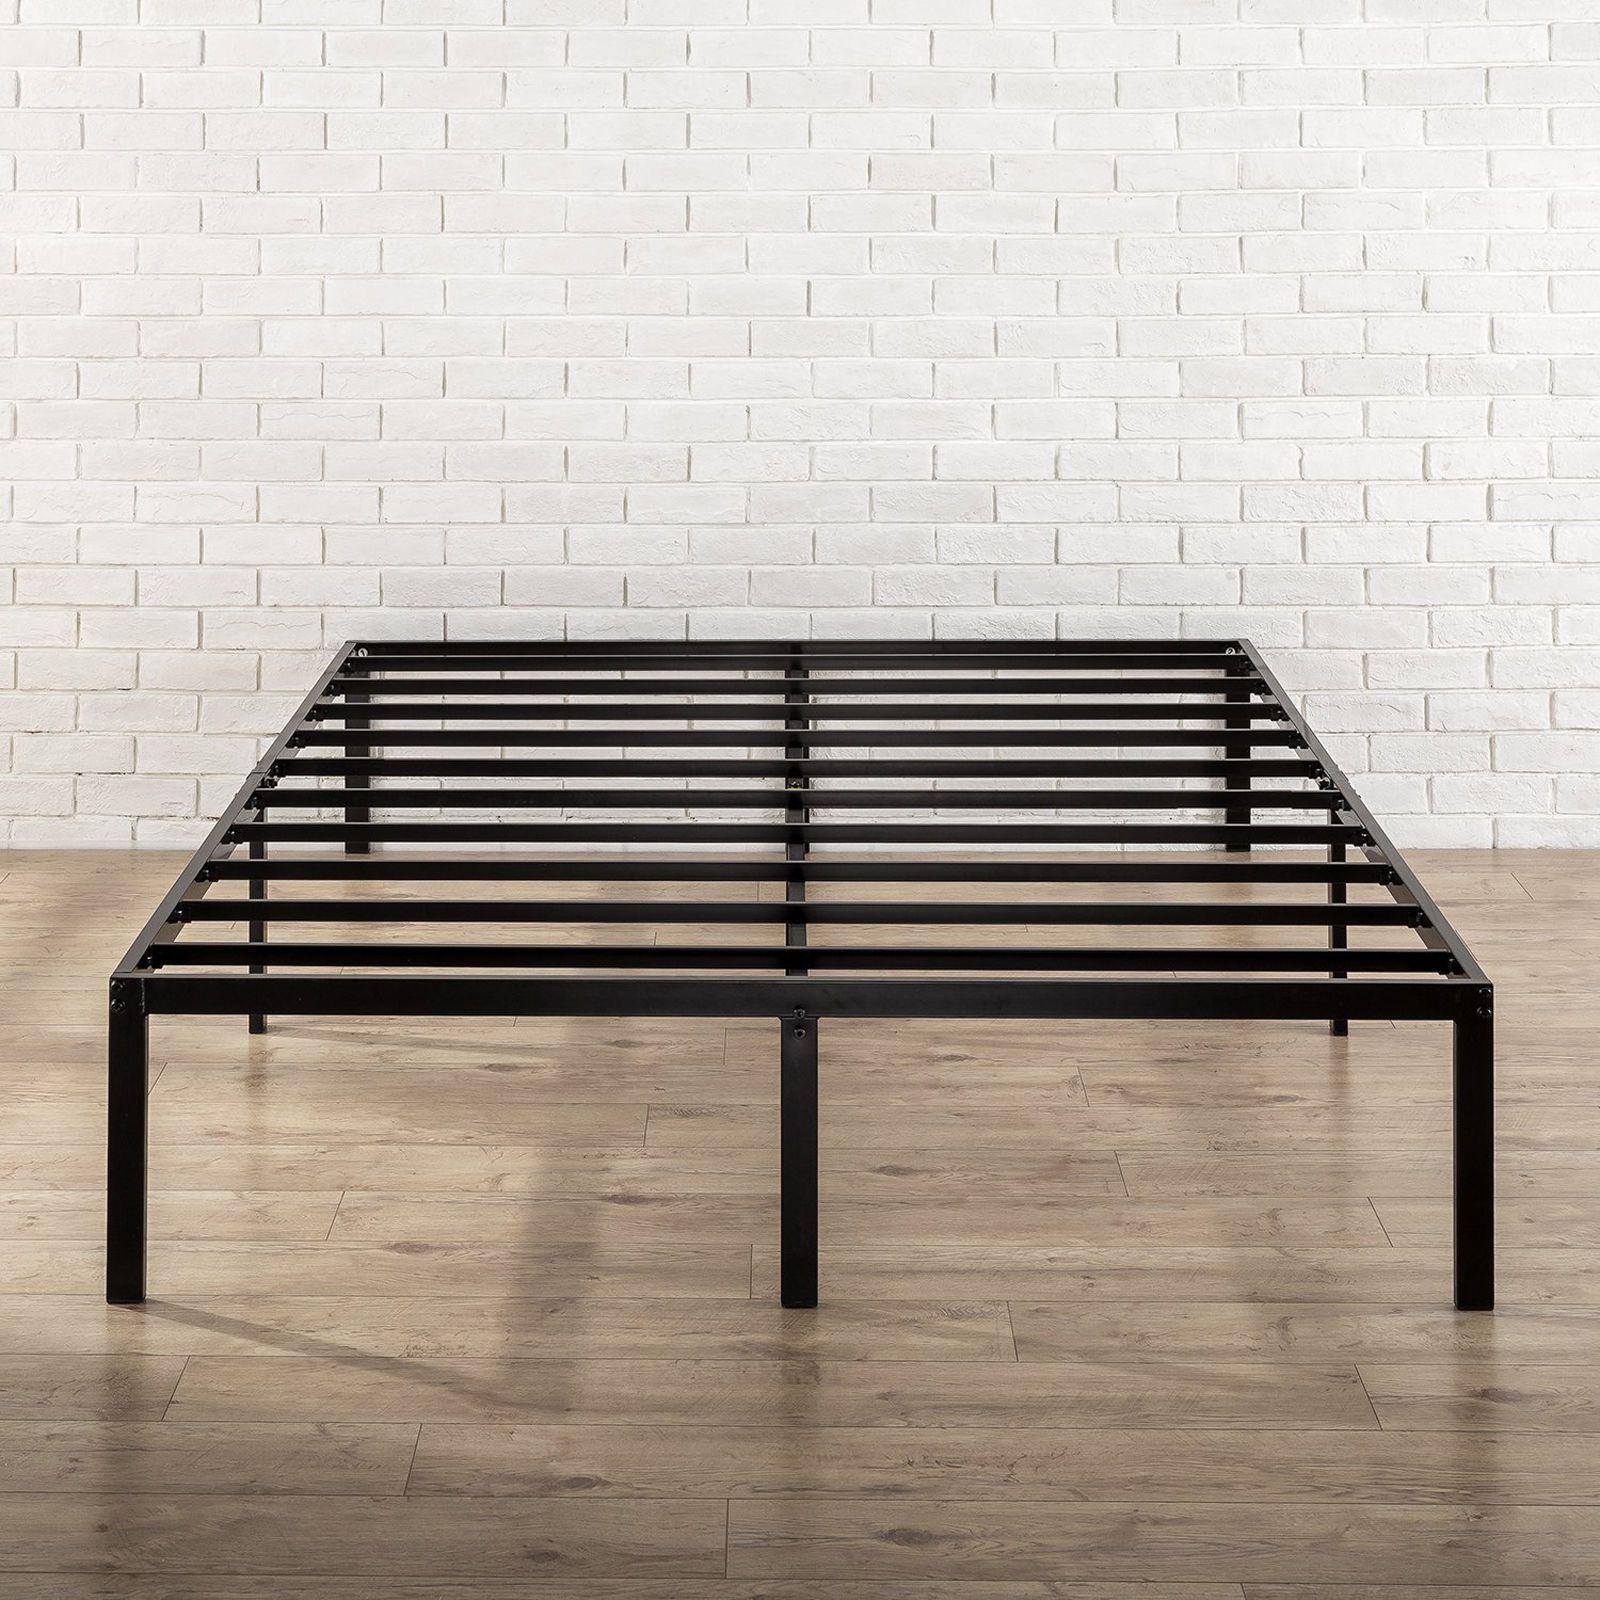 Metal Platform Bed Frame With Steel Slat Support Full Size